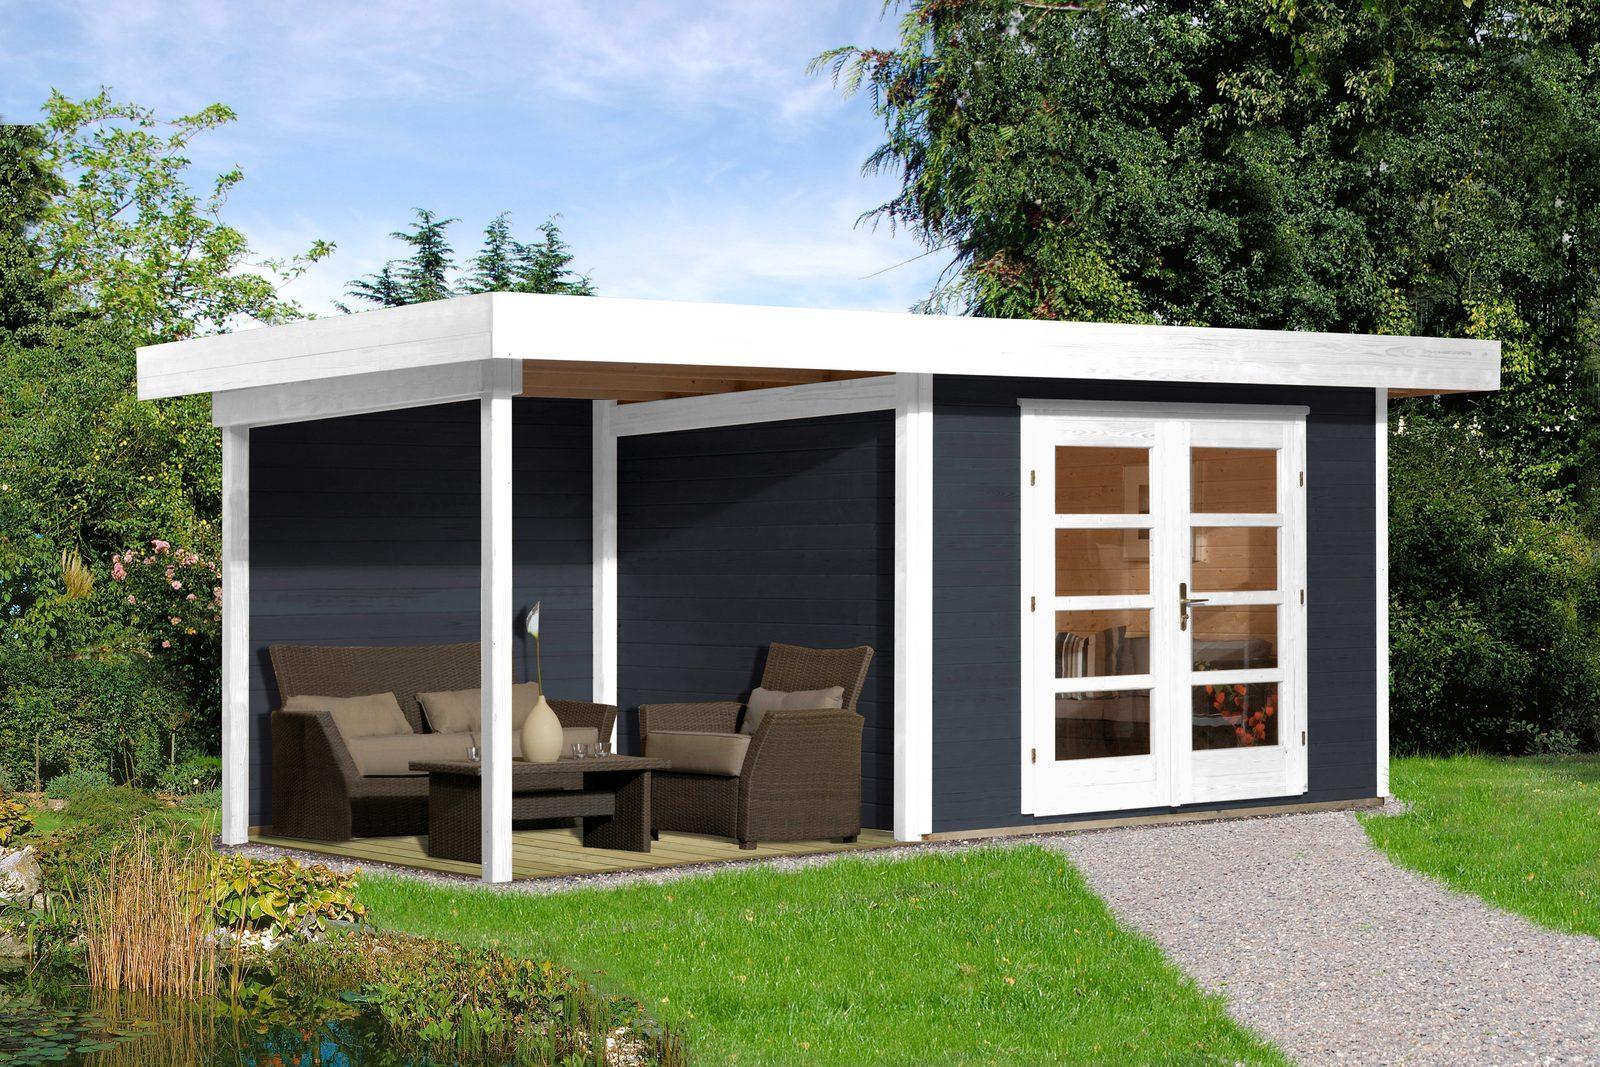 WEKA Gartenhaus »Chill-Out Gr. 1«, BxT: 530x210 cm, mit Anbau (235 cm breite) anthrazit/weiß jetztbilligerkaufen